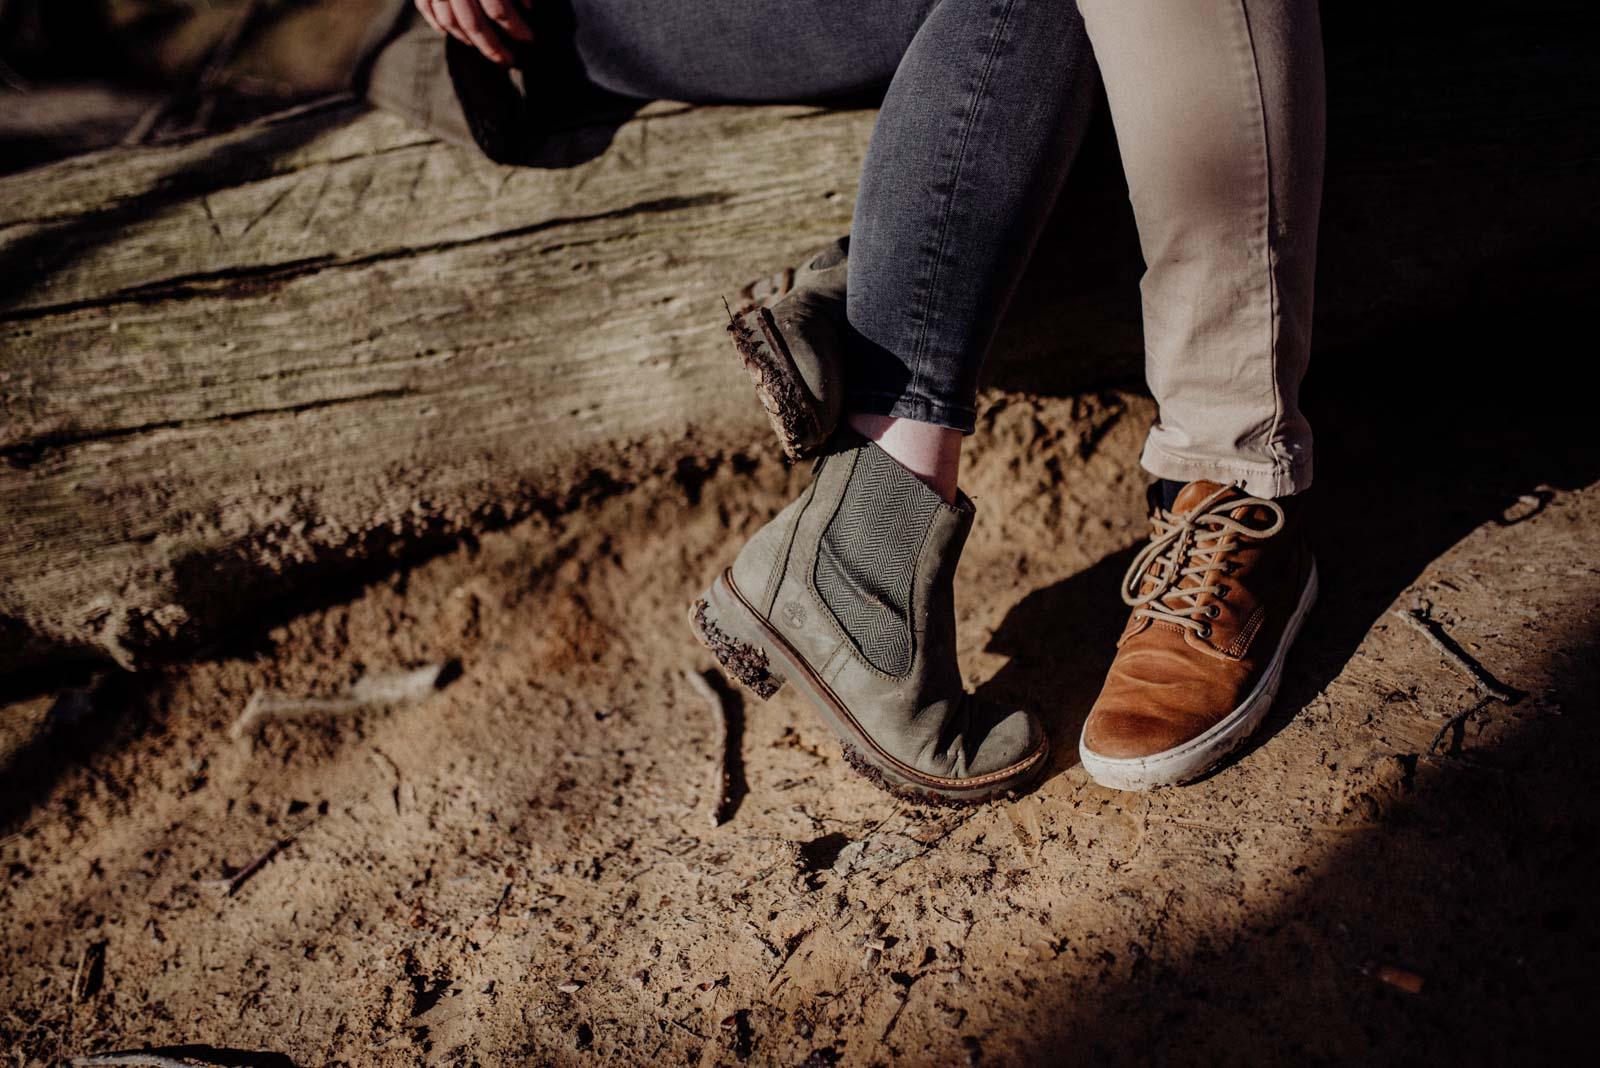 Detailfotos von Schuhen beim Waldspaziergang